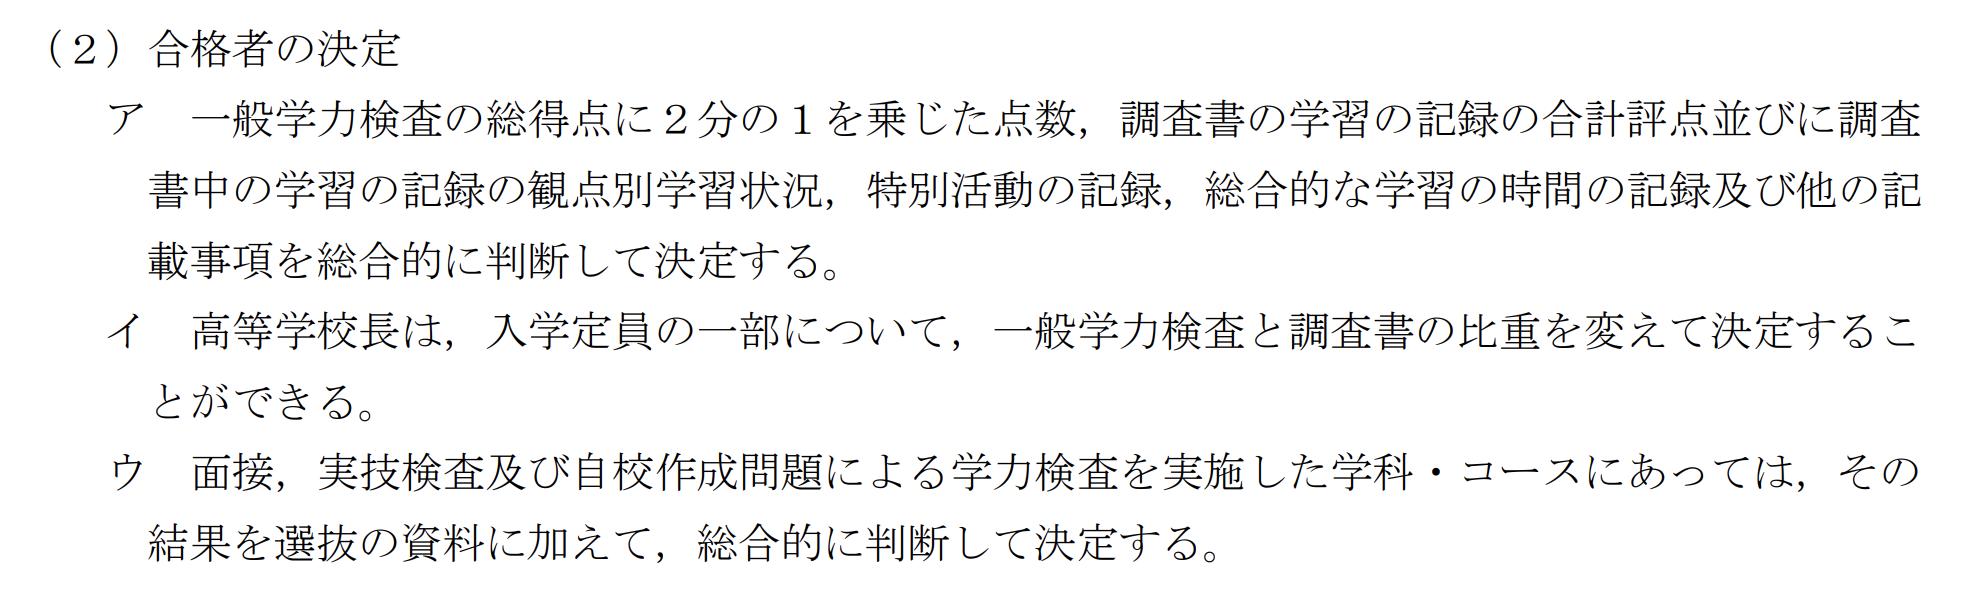 広島県公立高校入試制度3